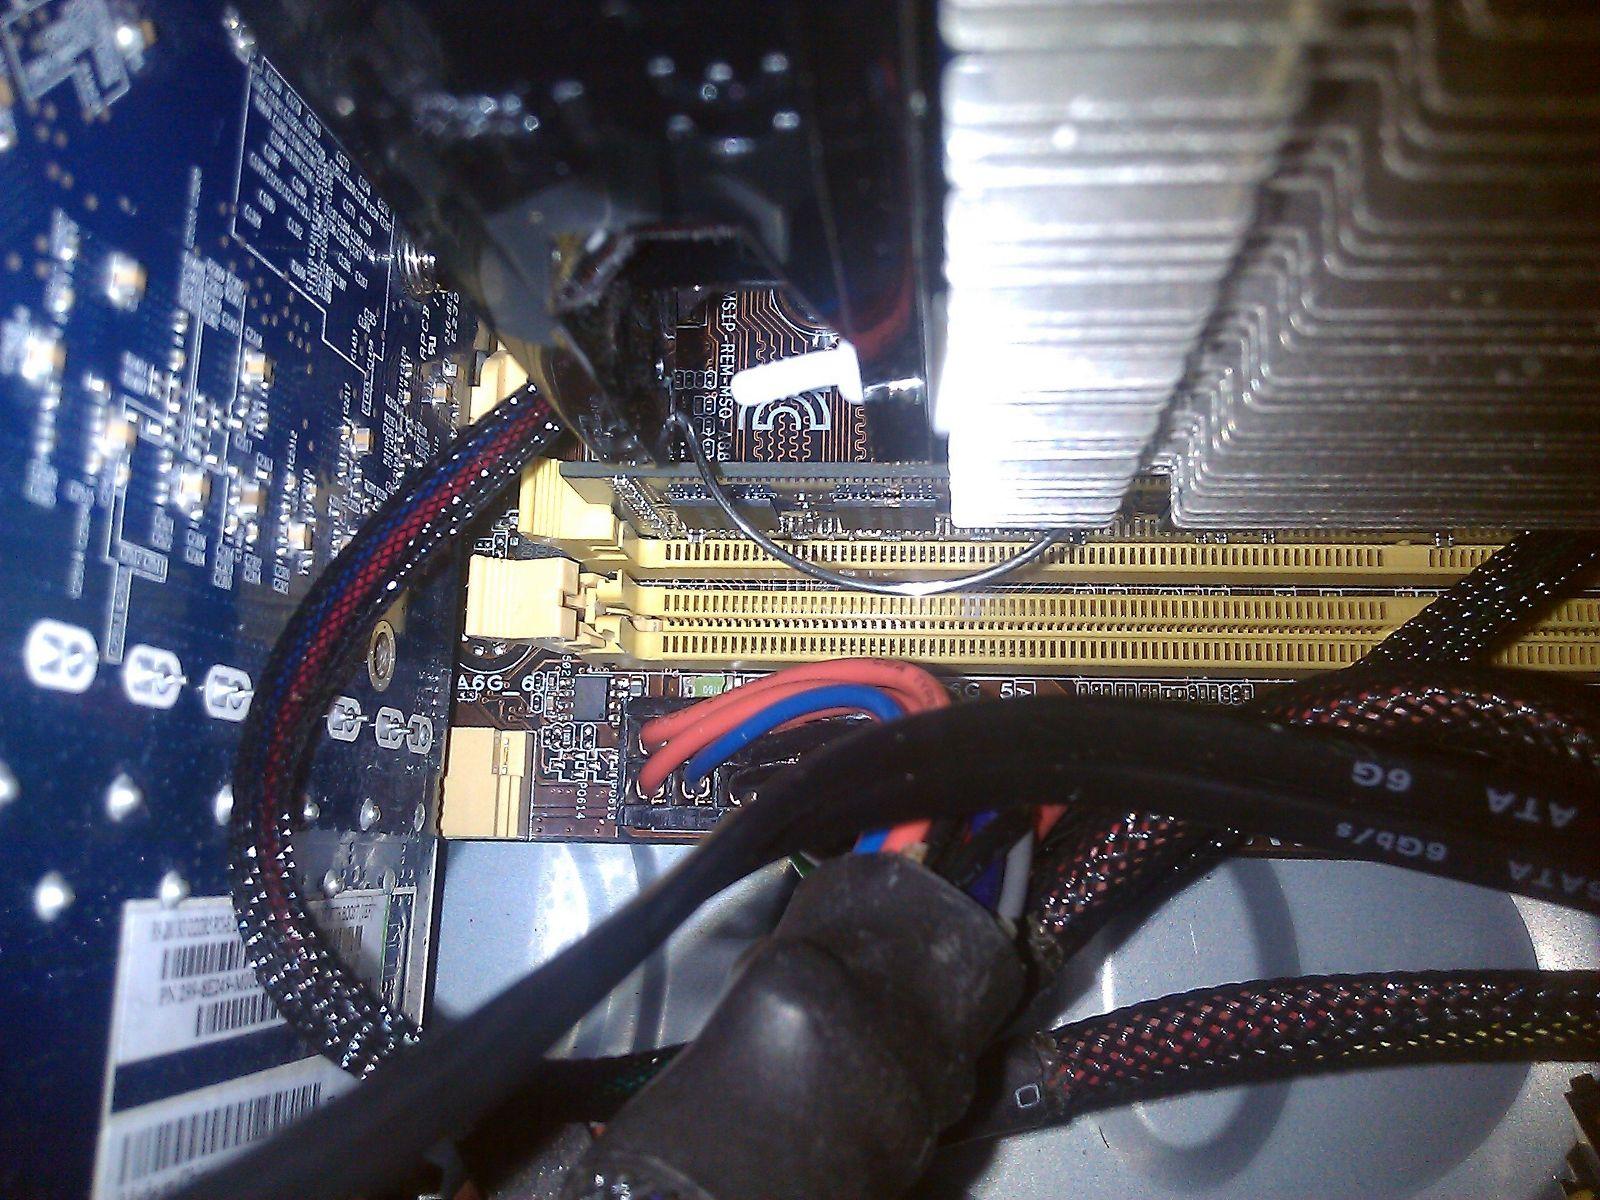 Ram Riegel Beschadigt Oder Moglich Zu Reparieren Computerbase Forum